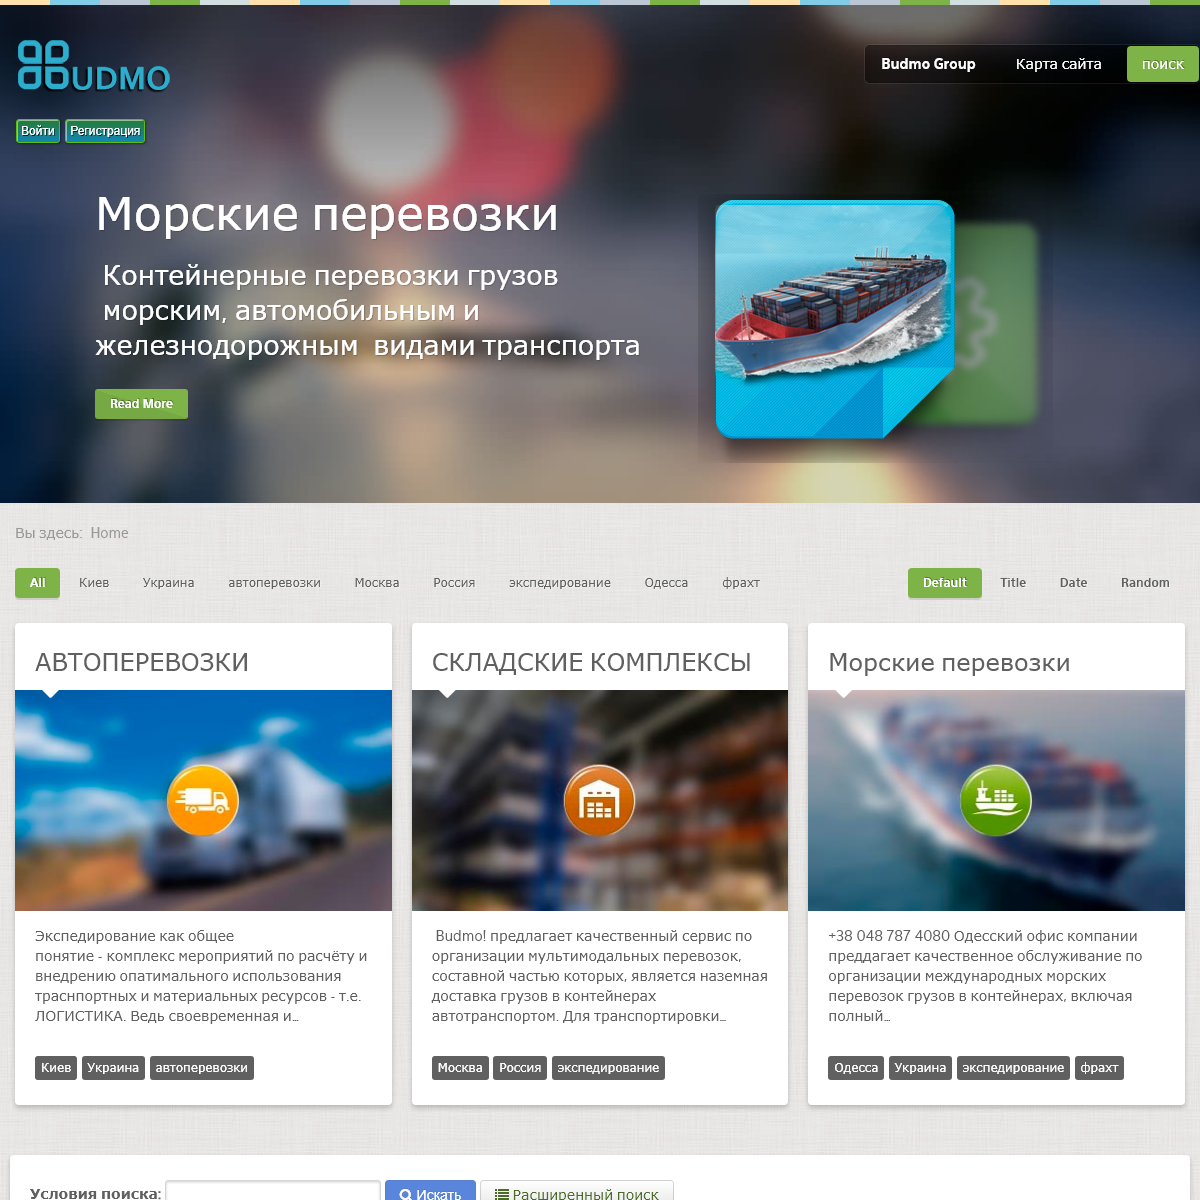 Экспедирование - перевозки -- Безопасность - Охрана -- Budmo Group -- - поиск